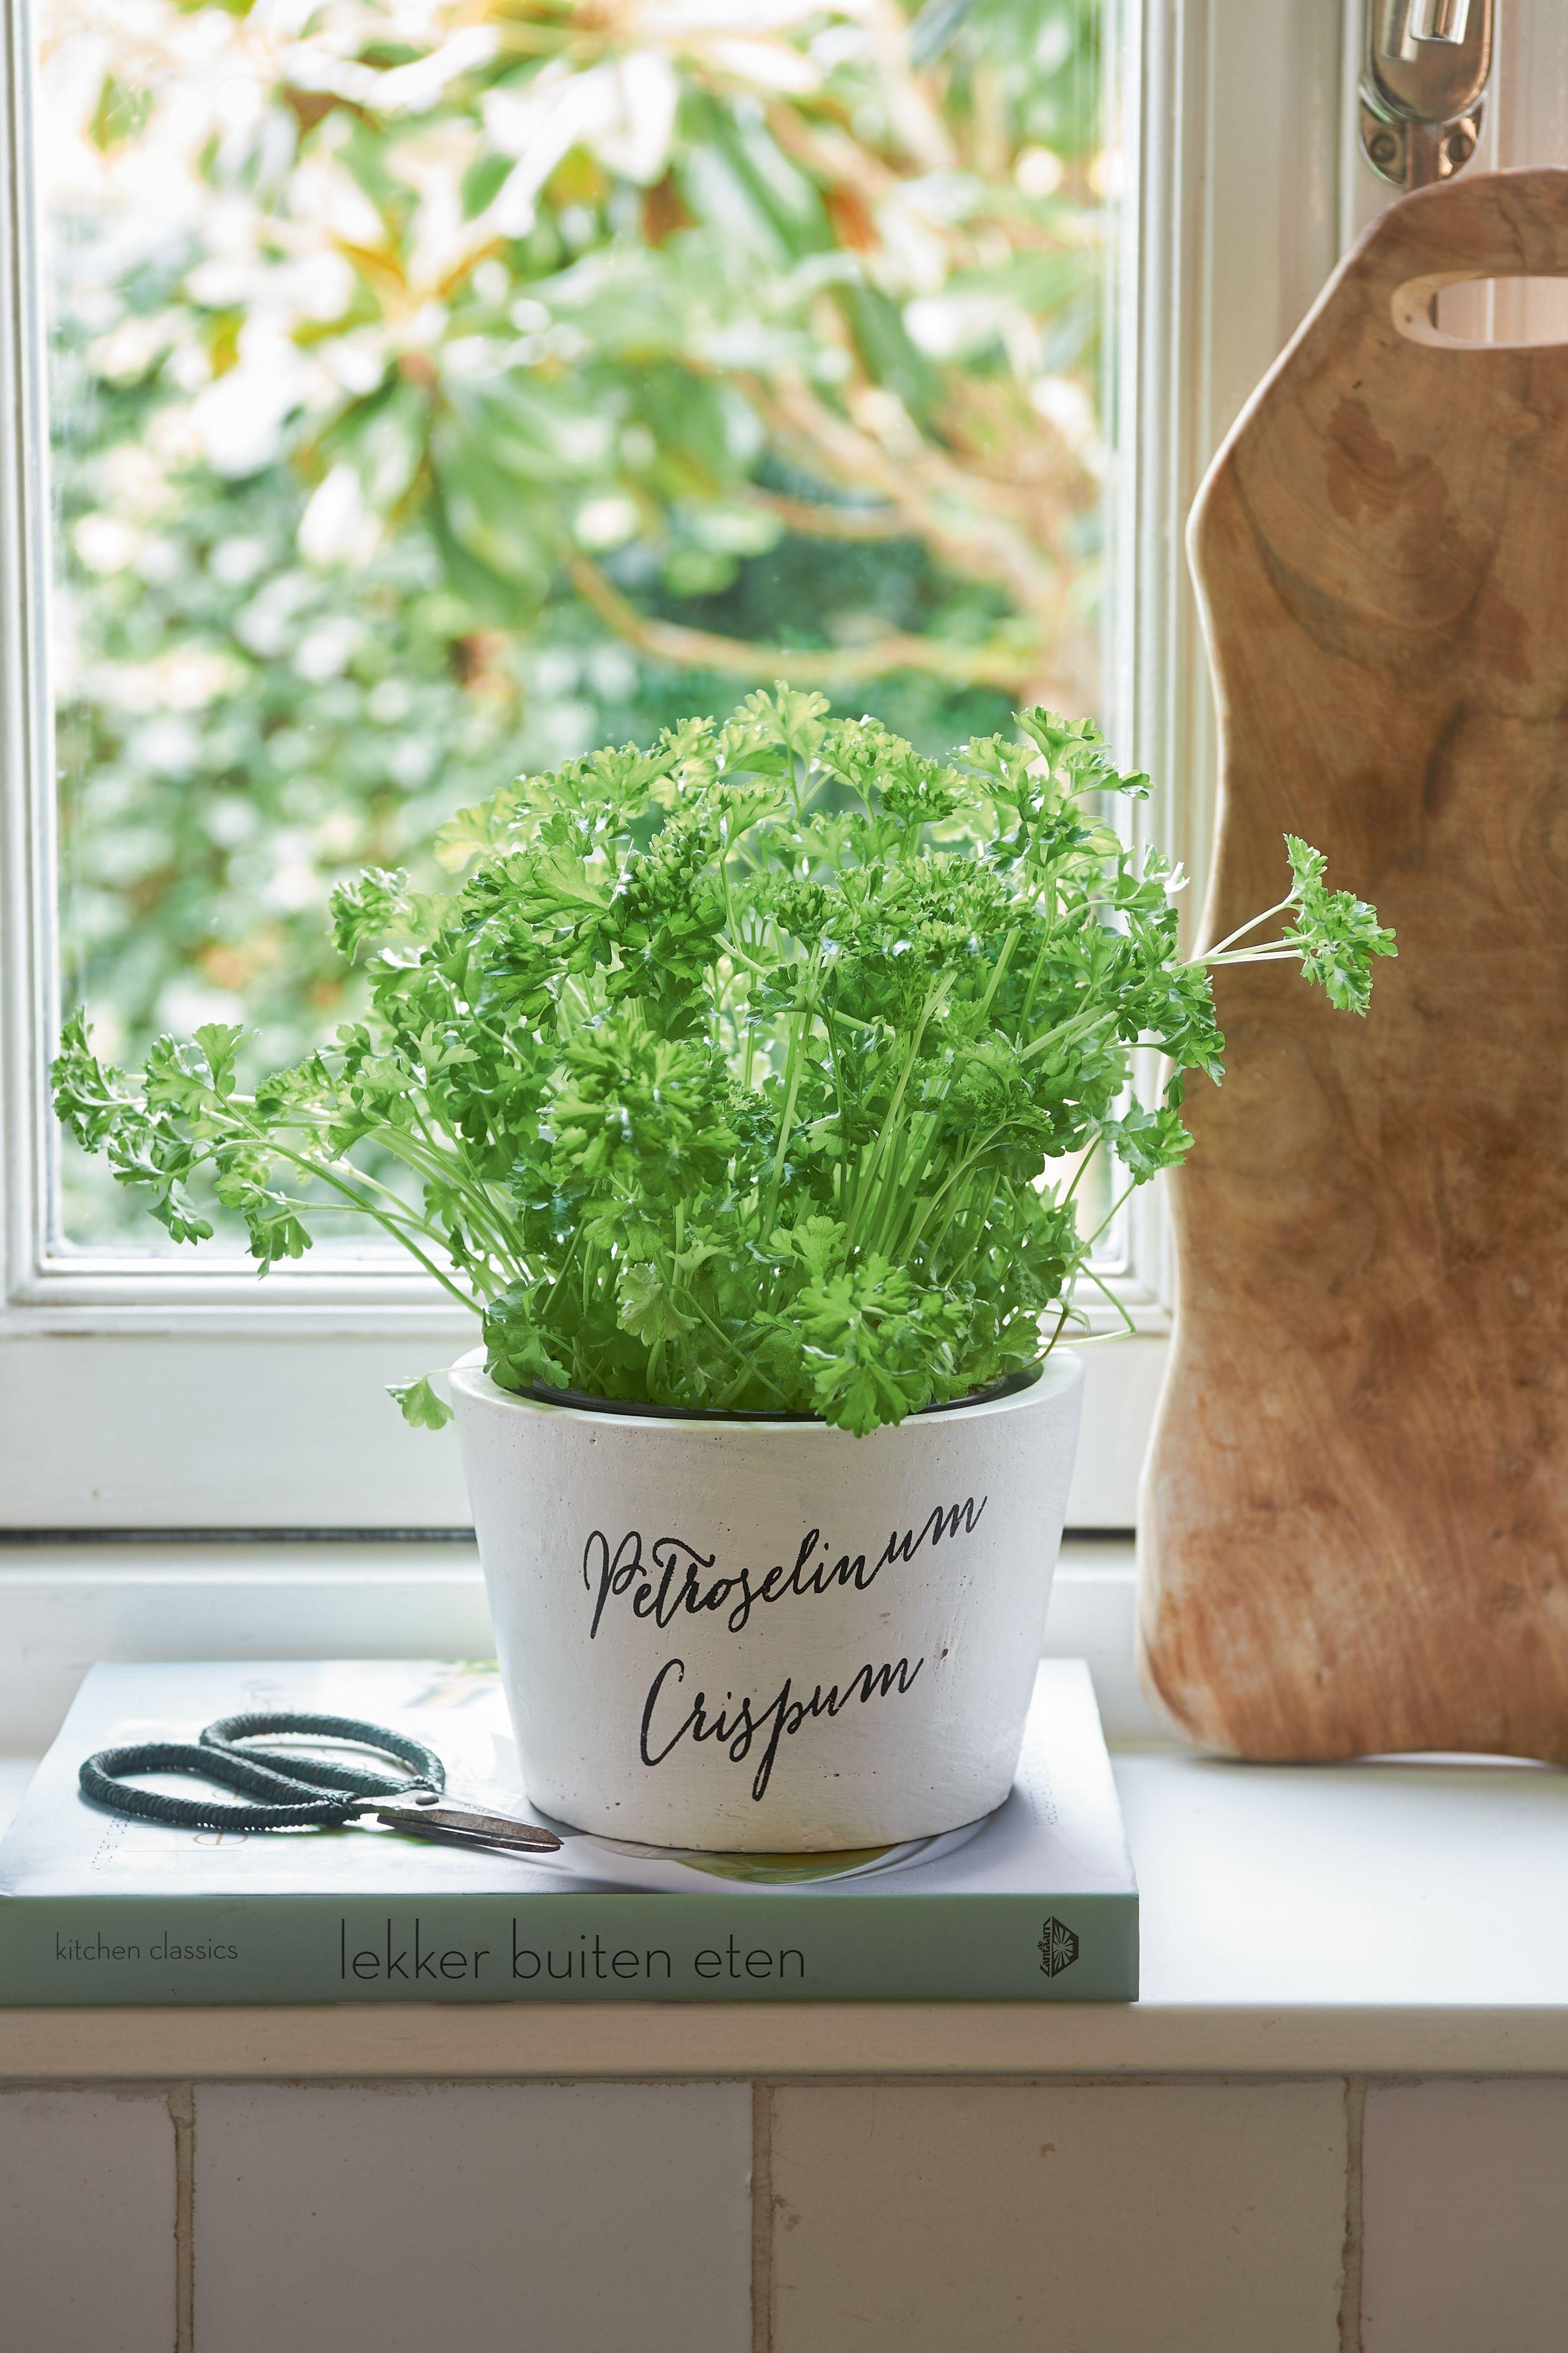 Květináč Tasty Herbs Petroselinum